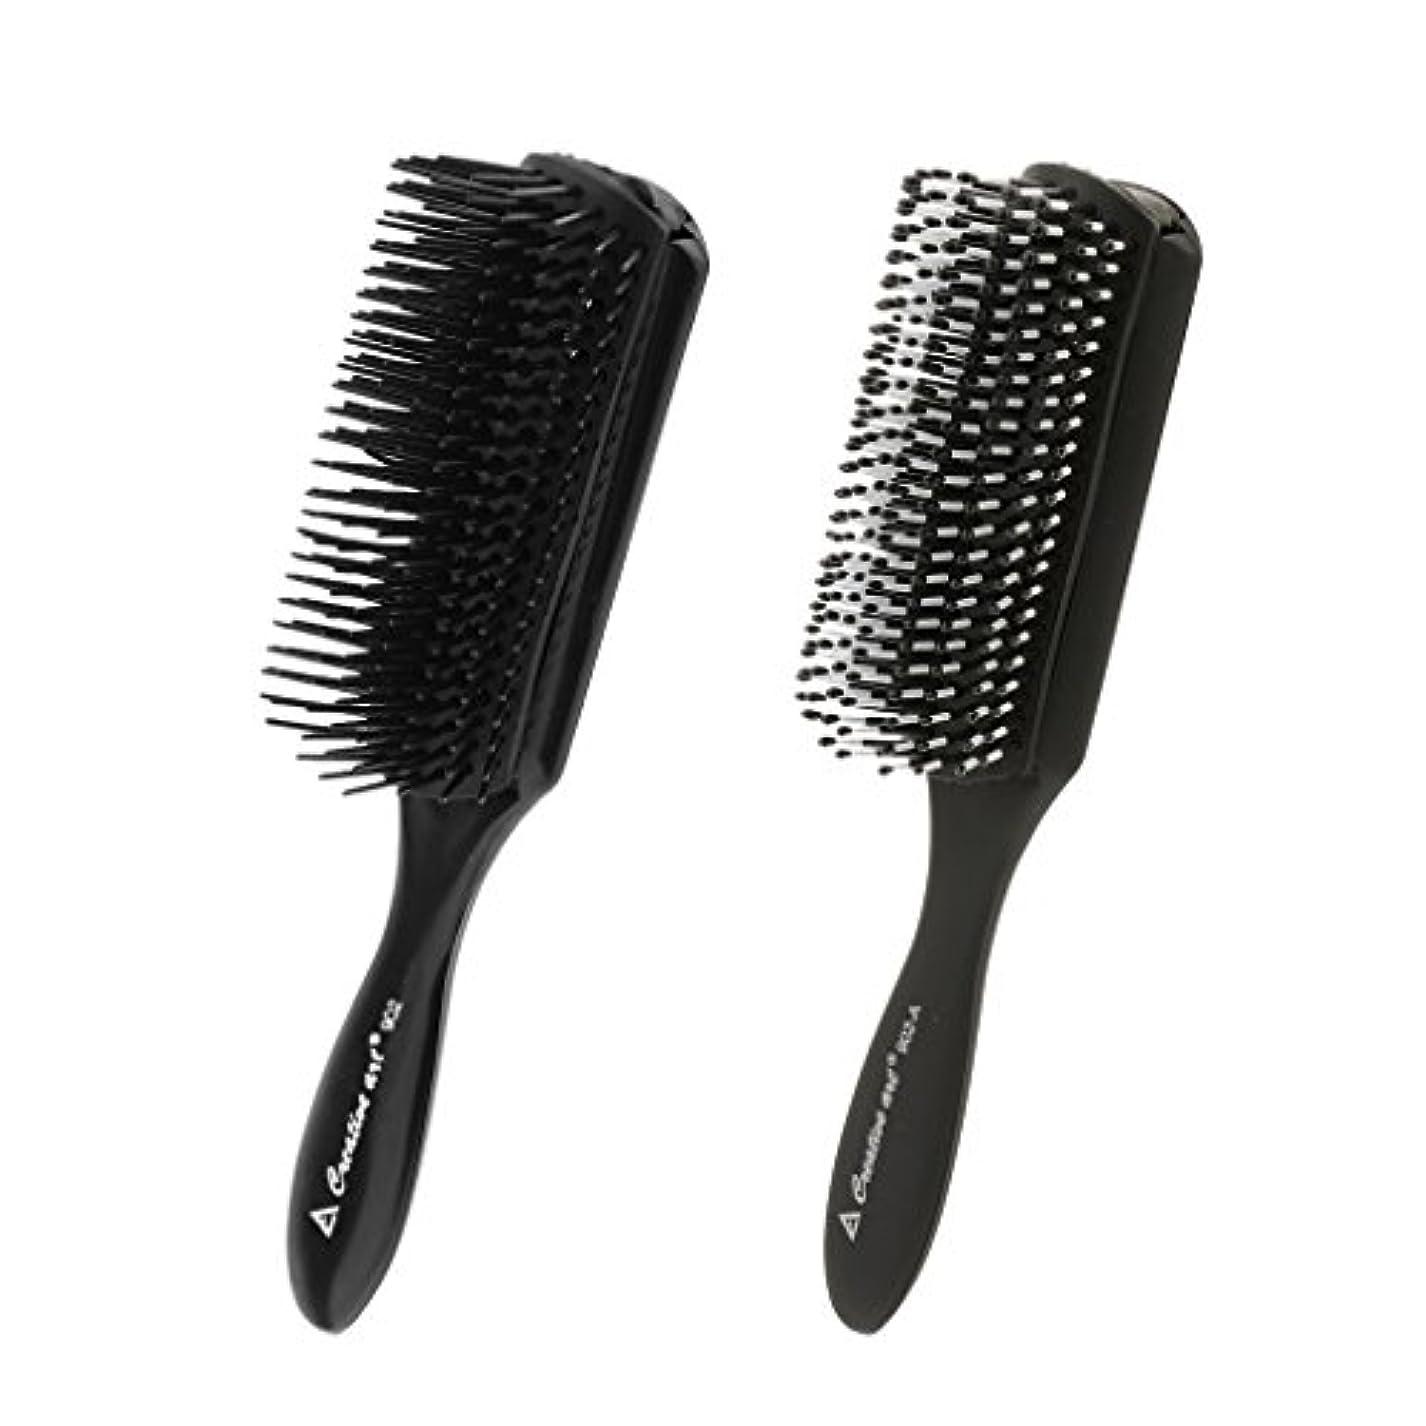 端末プランター処方するToygogo 2ピース調整可能なヘアブラシ帯電防止櫛プロ理髪ヘアブラシスタイリングツール頭皮マッサージ